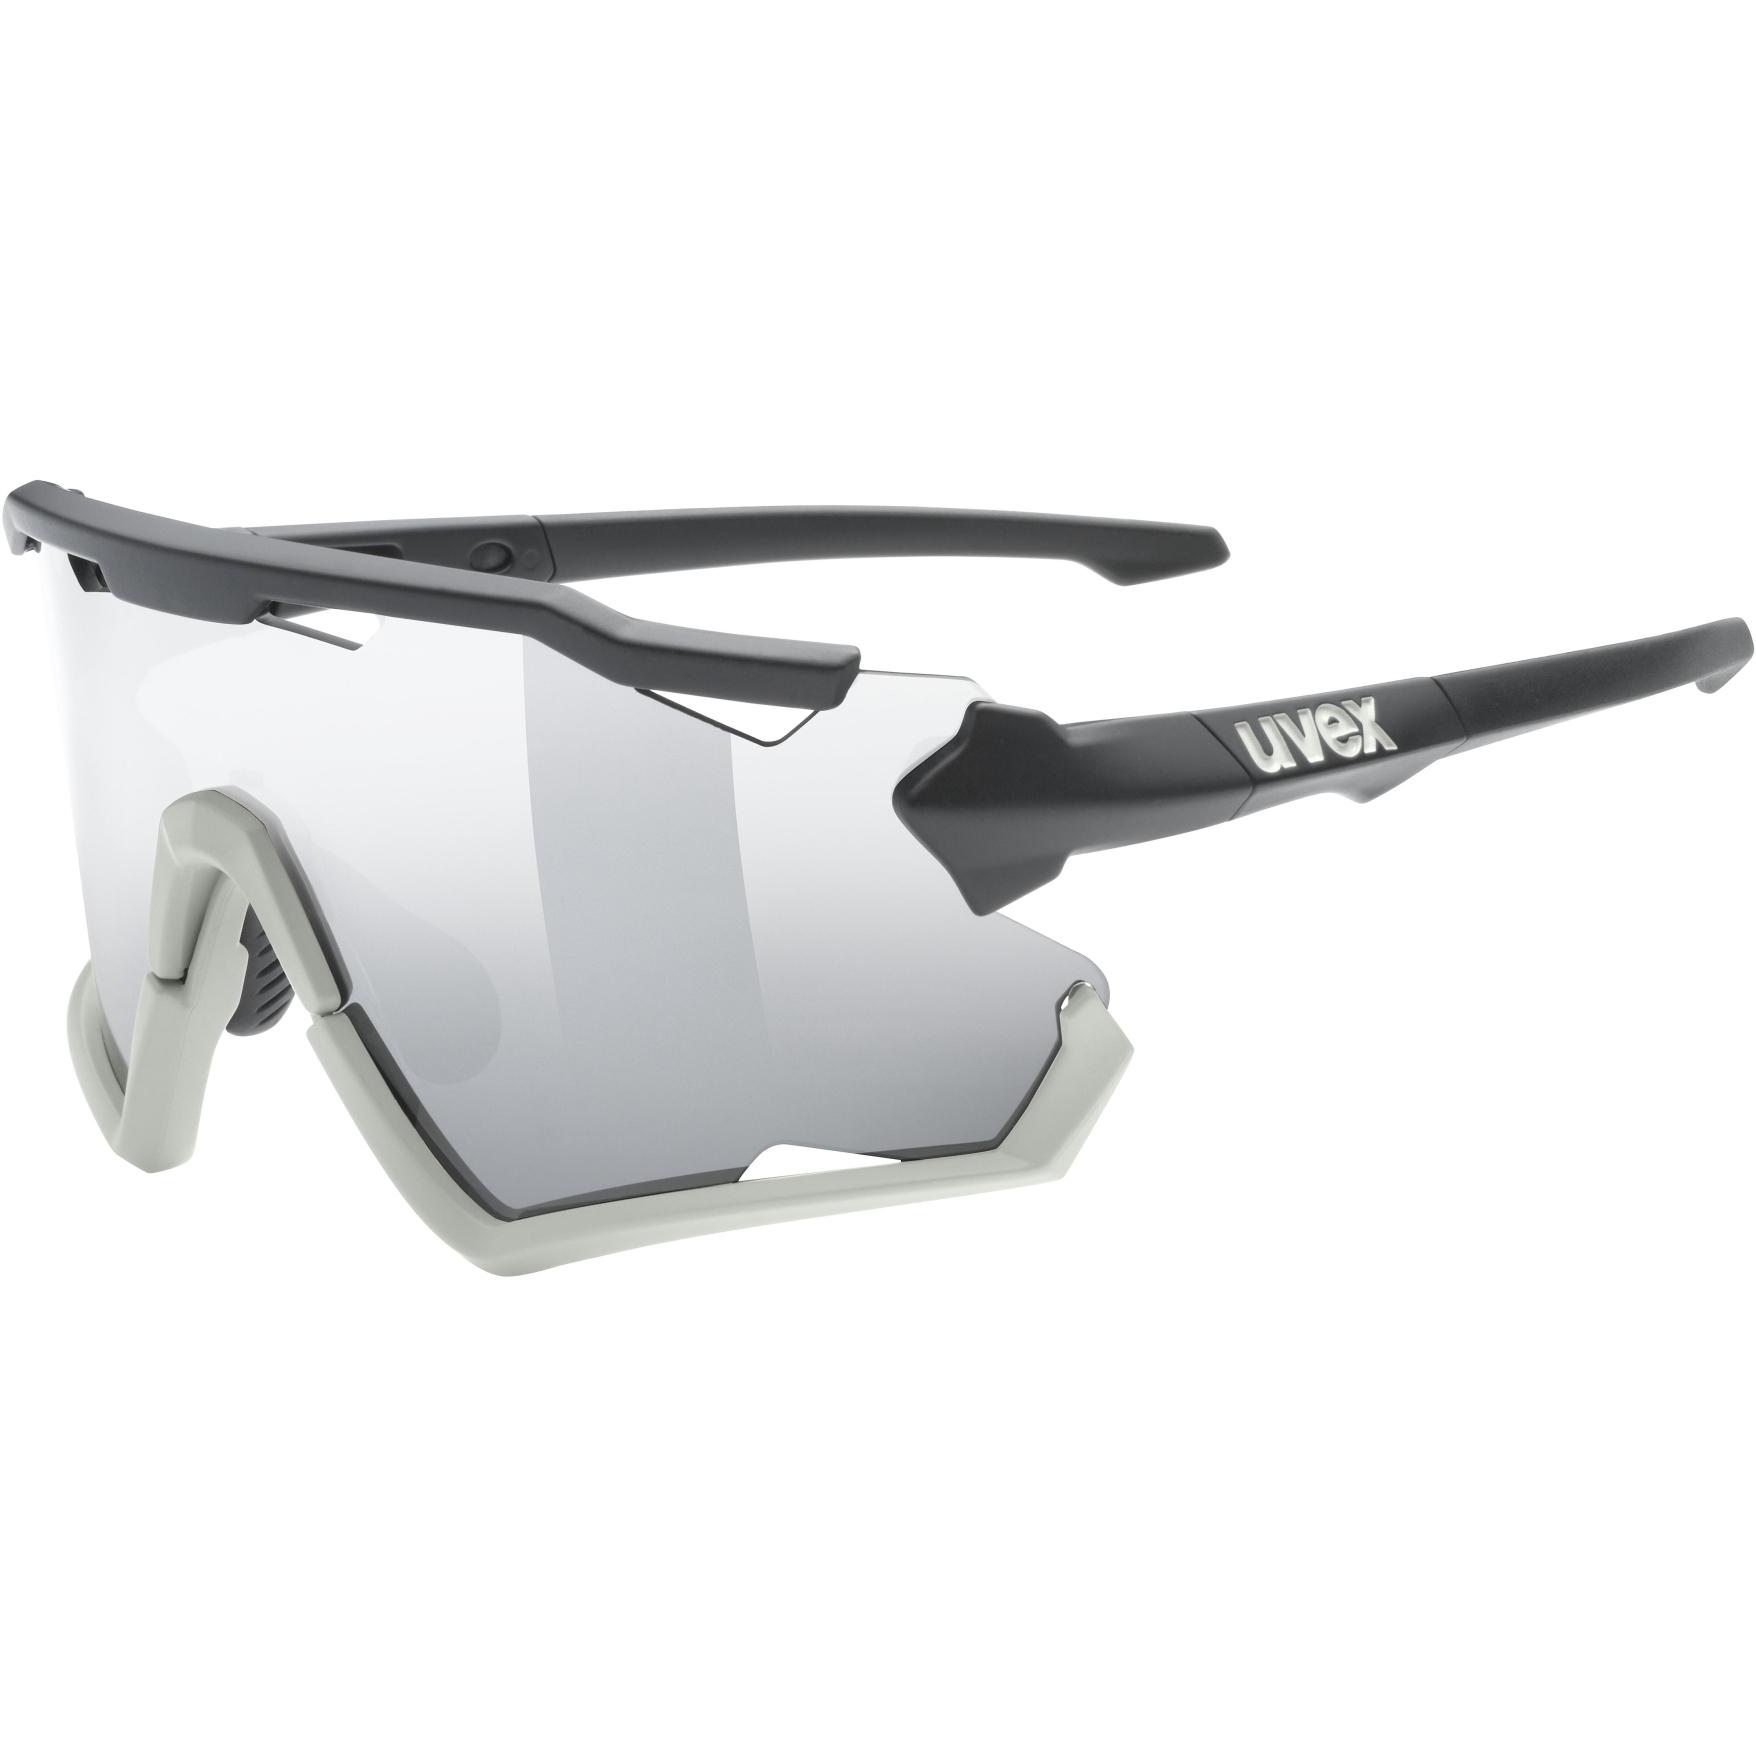 Uvex sportstyle 228 Brille - black sand mat/mirror silver